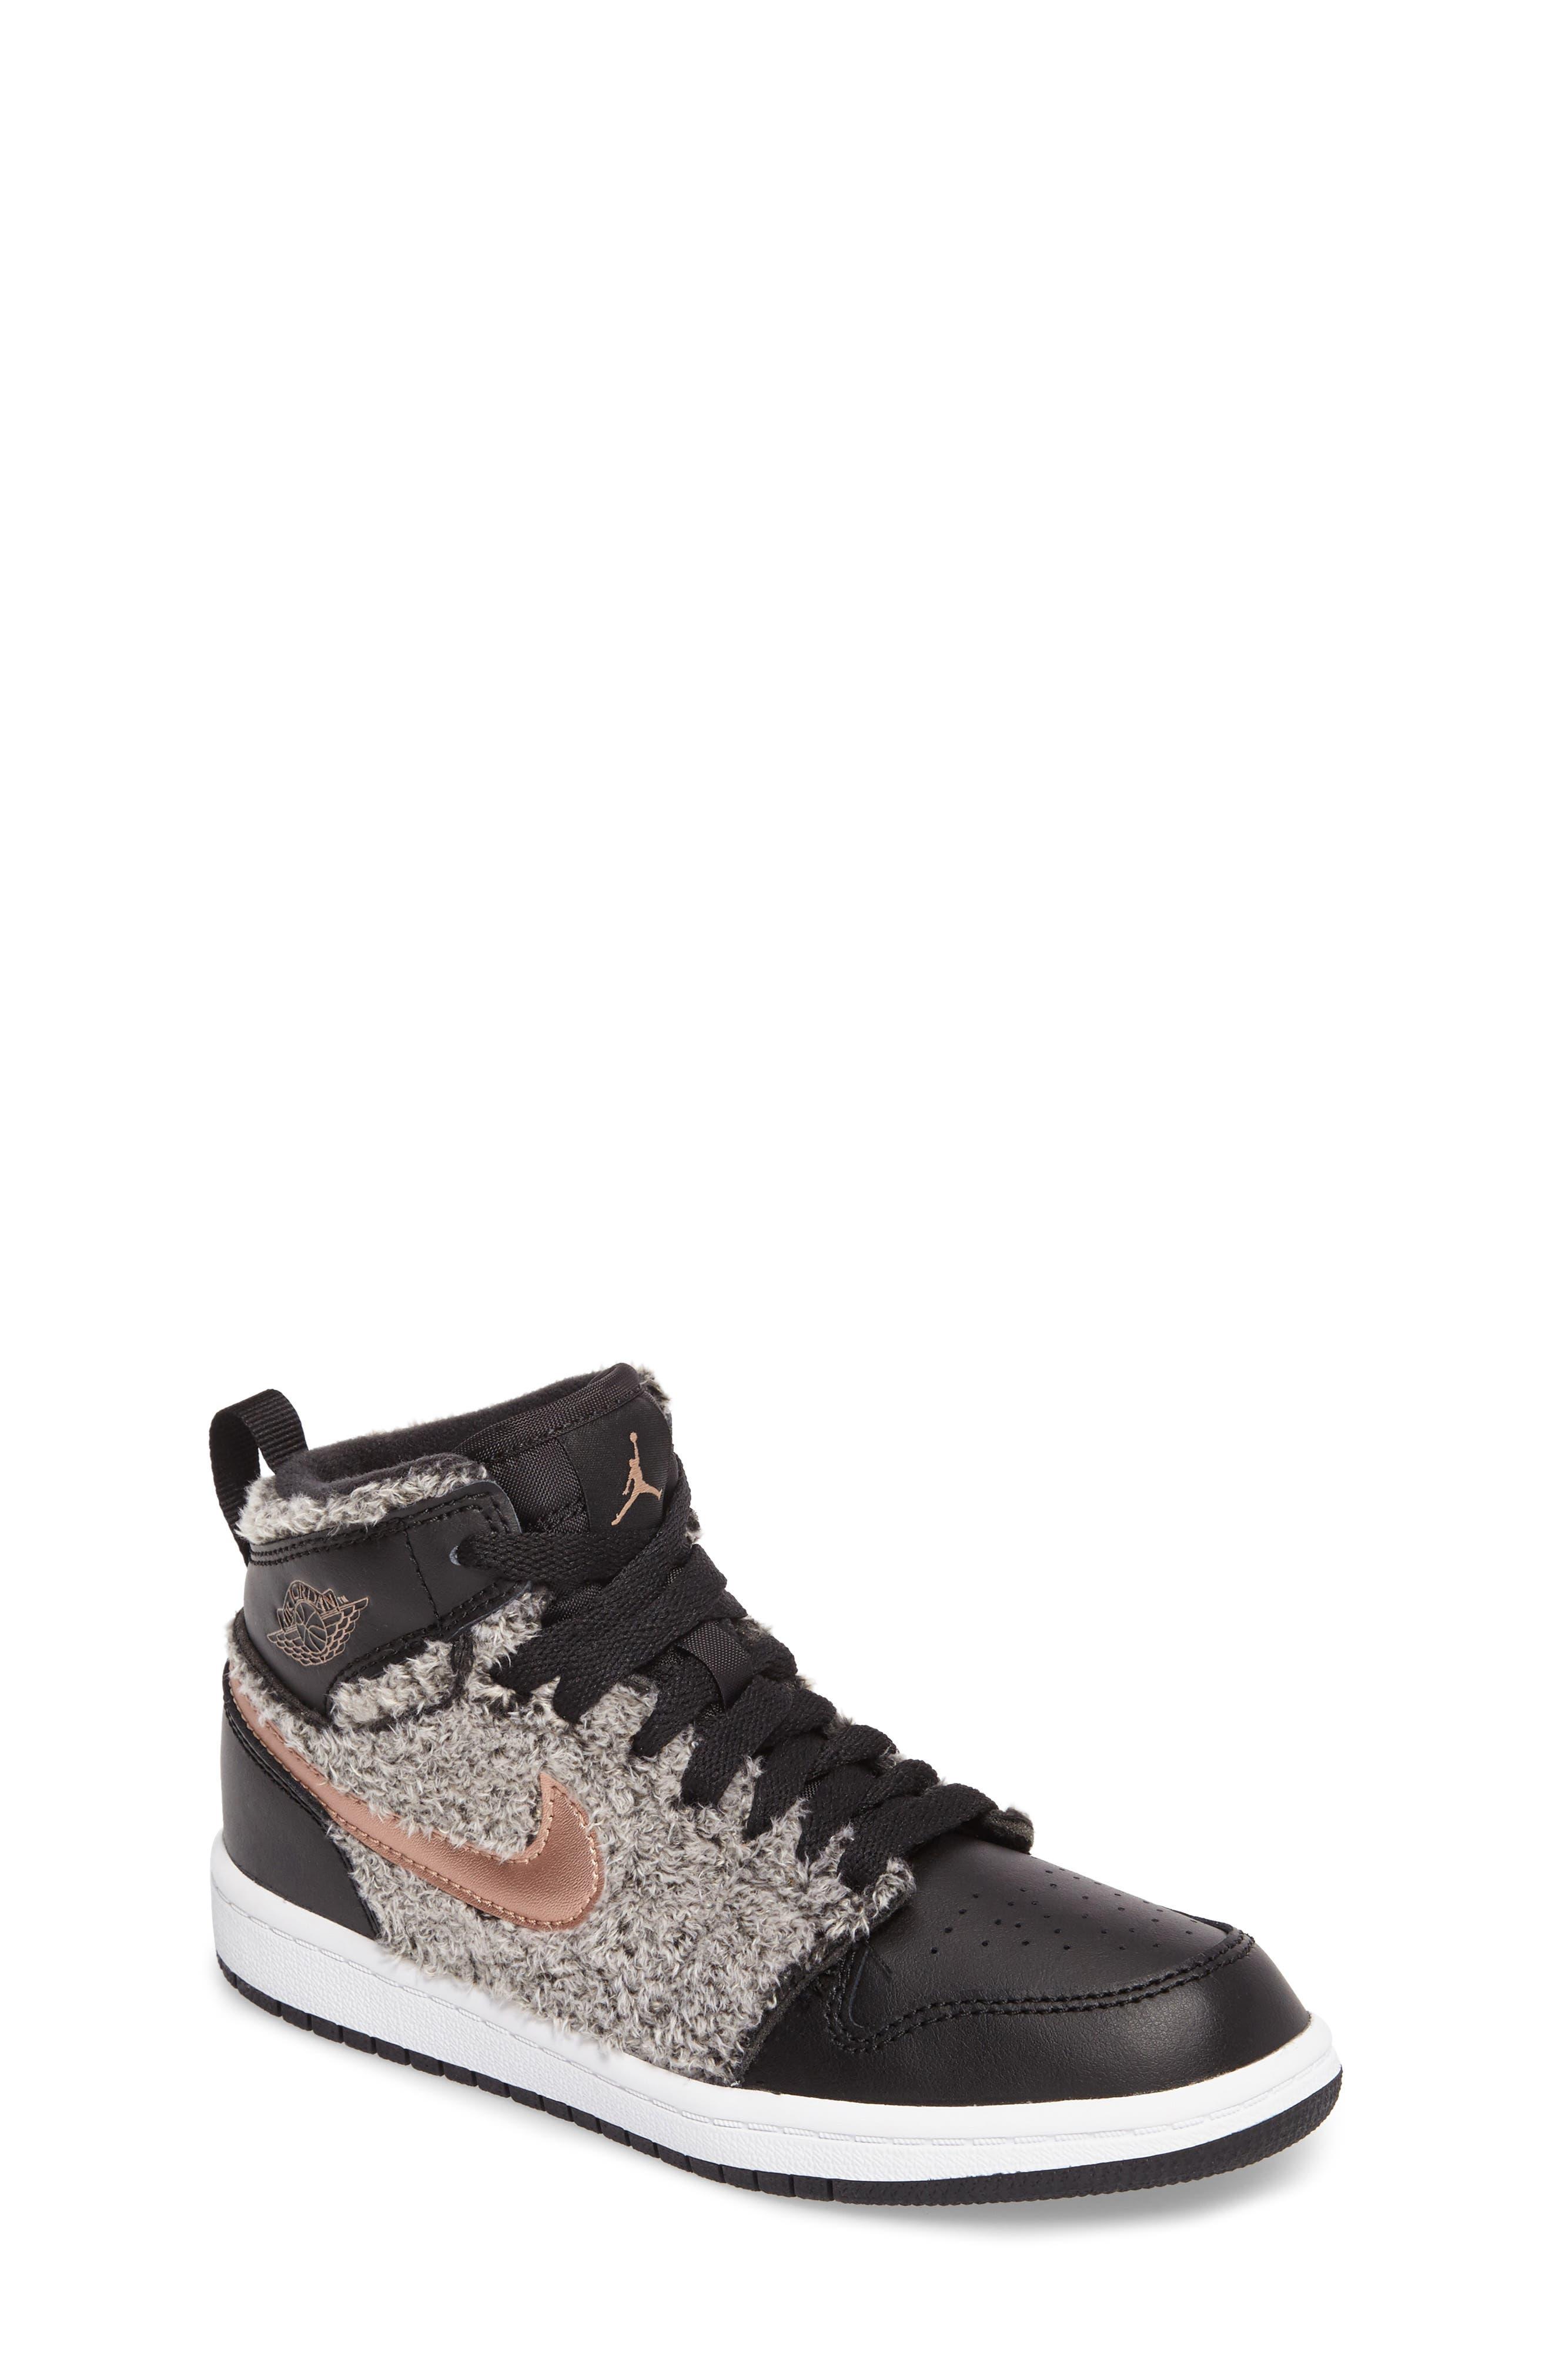 Main Image - Nike Air Jordan 1 Retro Faux Fur High Top Sneaker (Toddler, Little Kid & Big Kid)